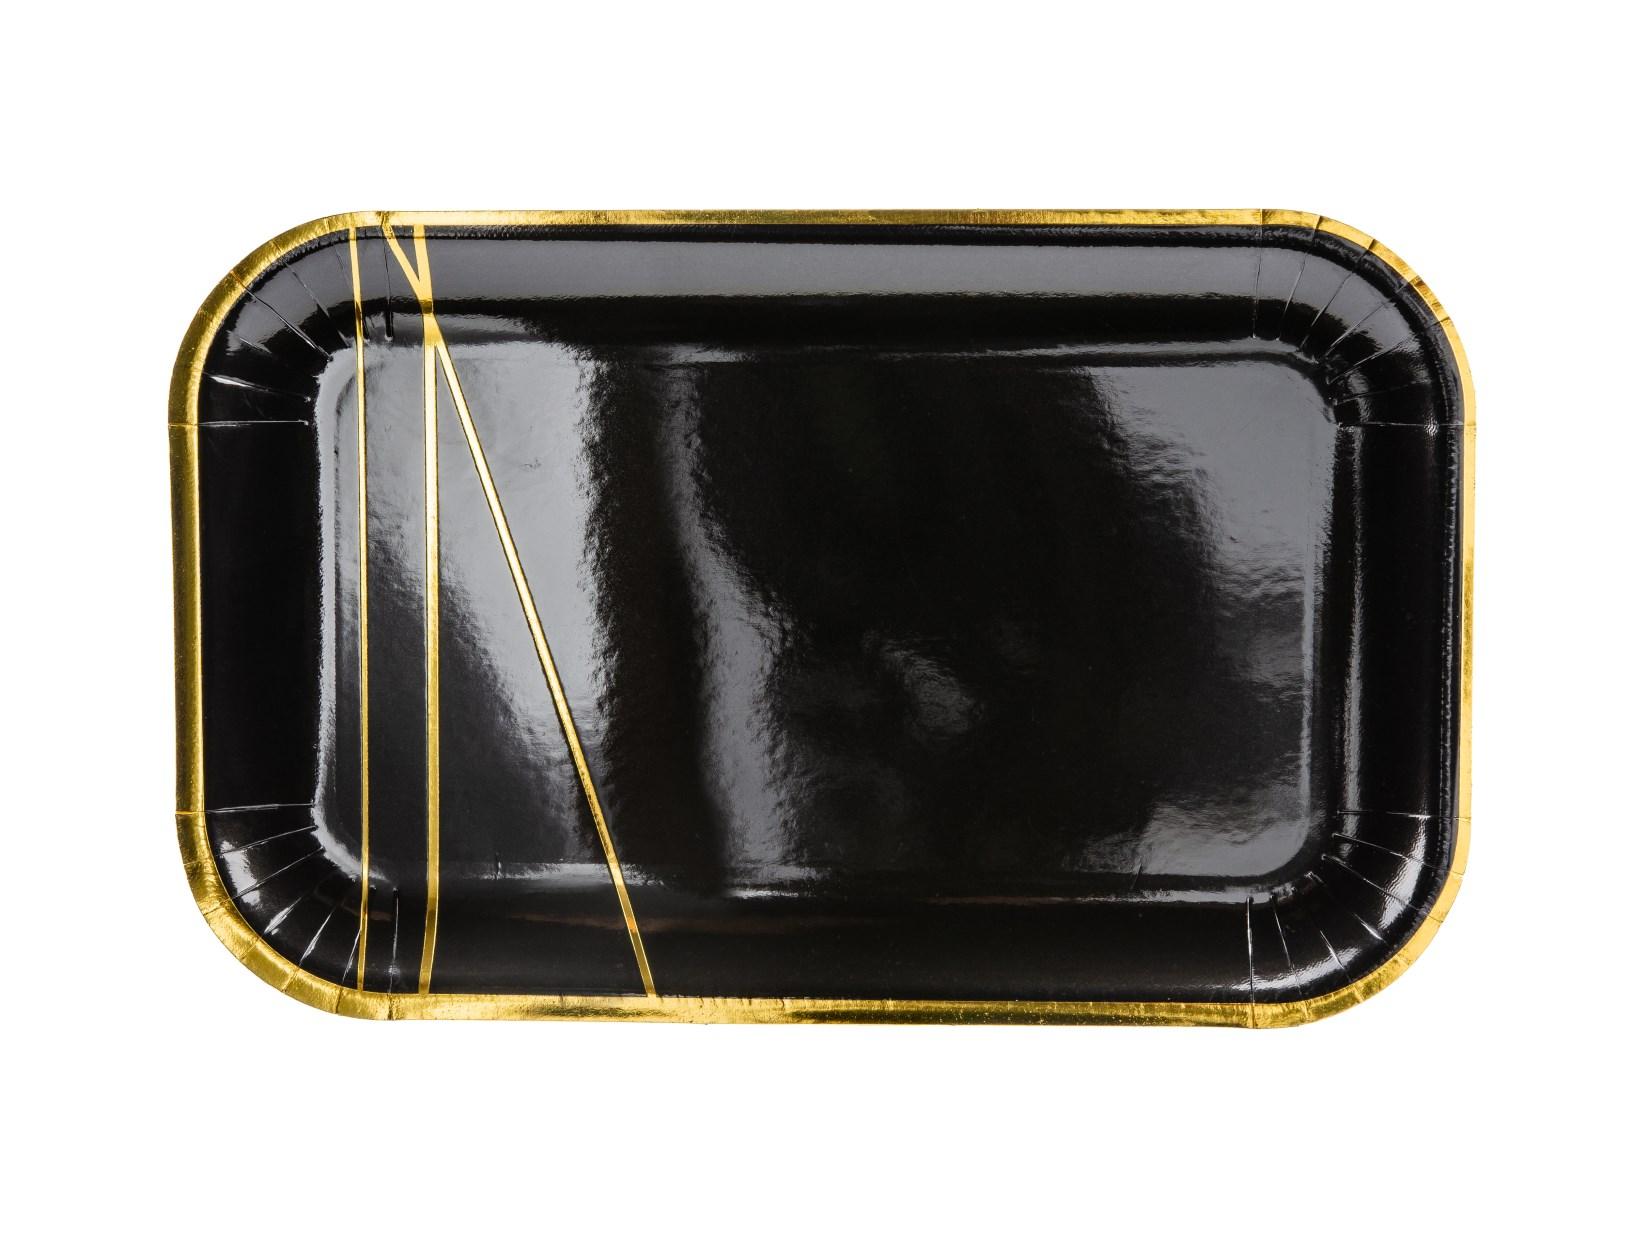 Χάρτινα Πιάτα Black Deluxe – 6 Τεμάχια